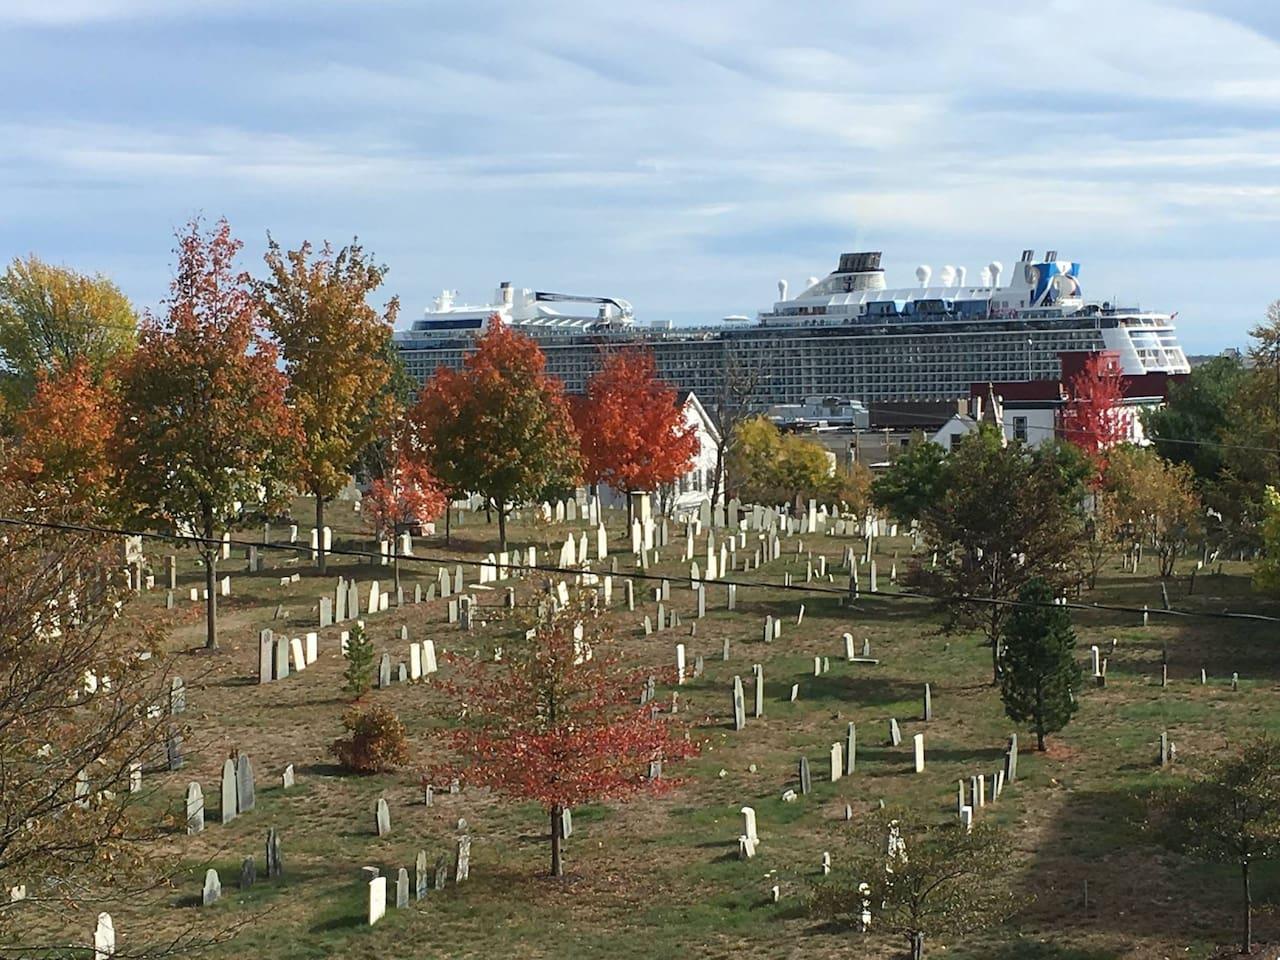 Cruise Ship Season!